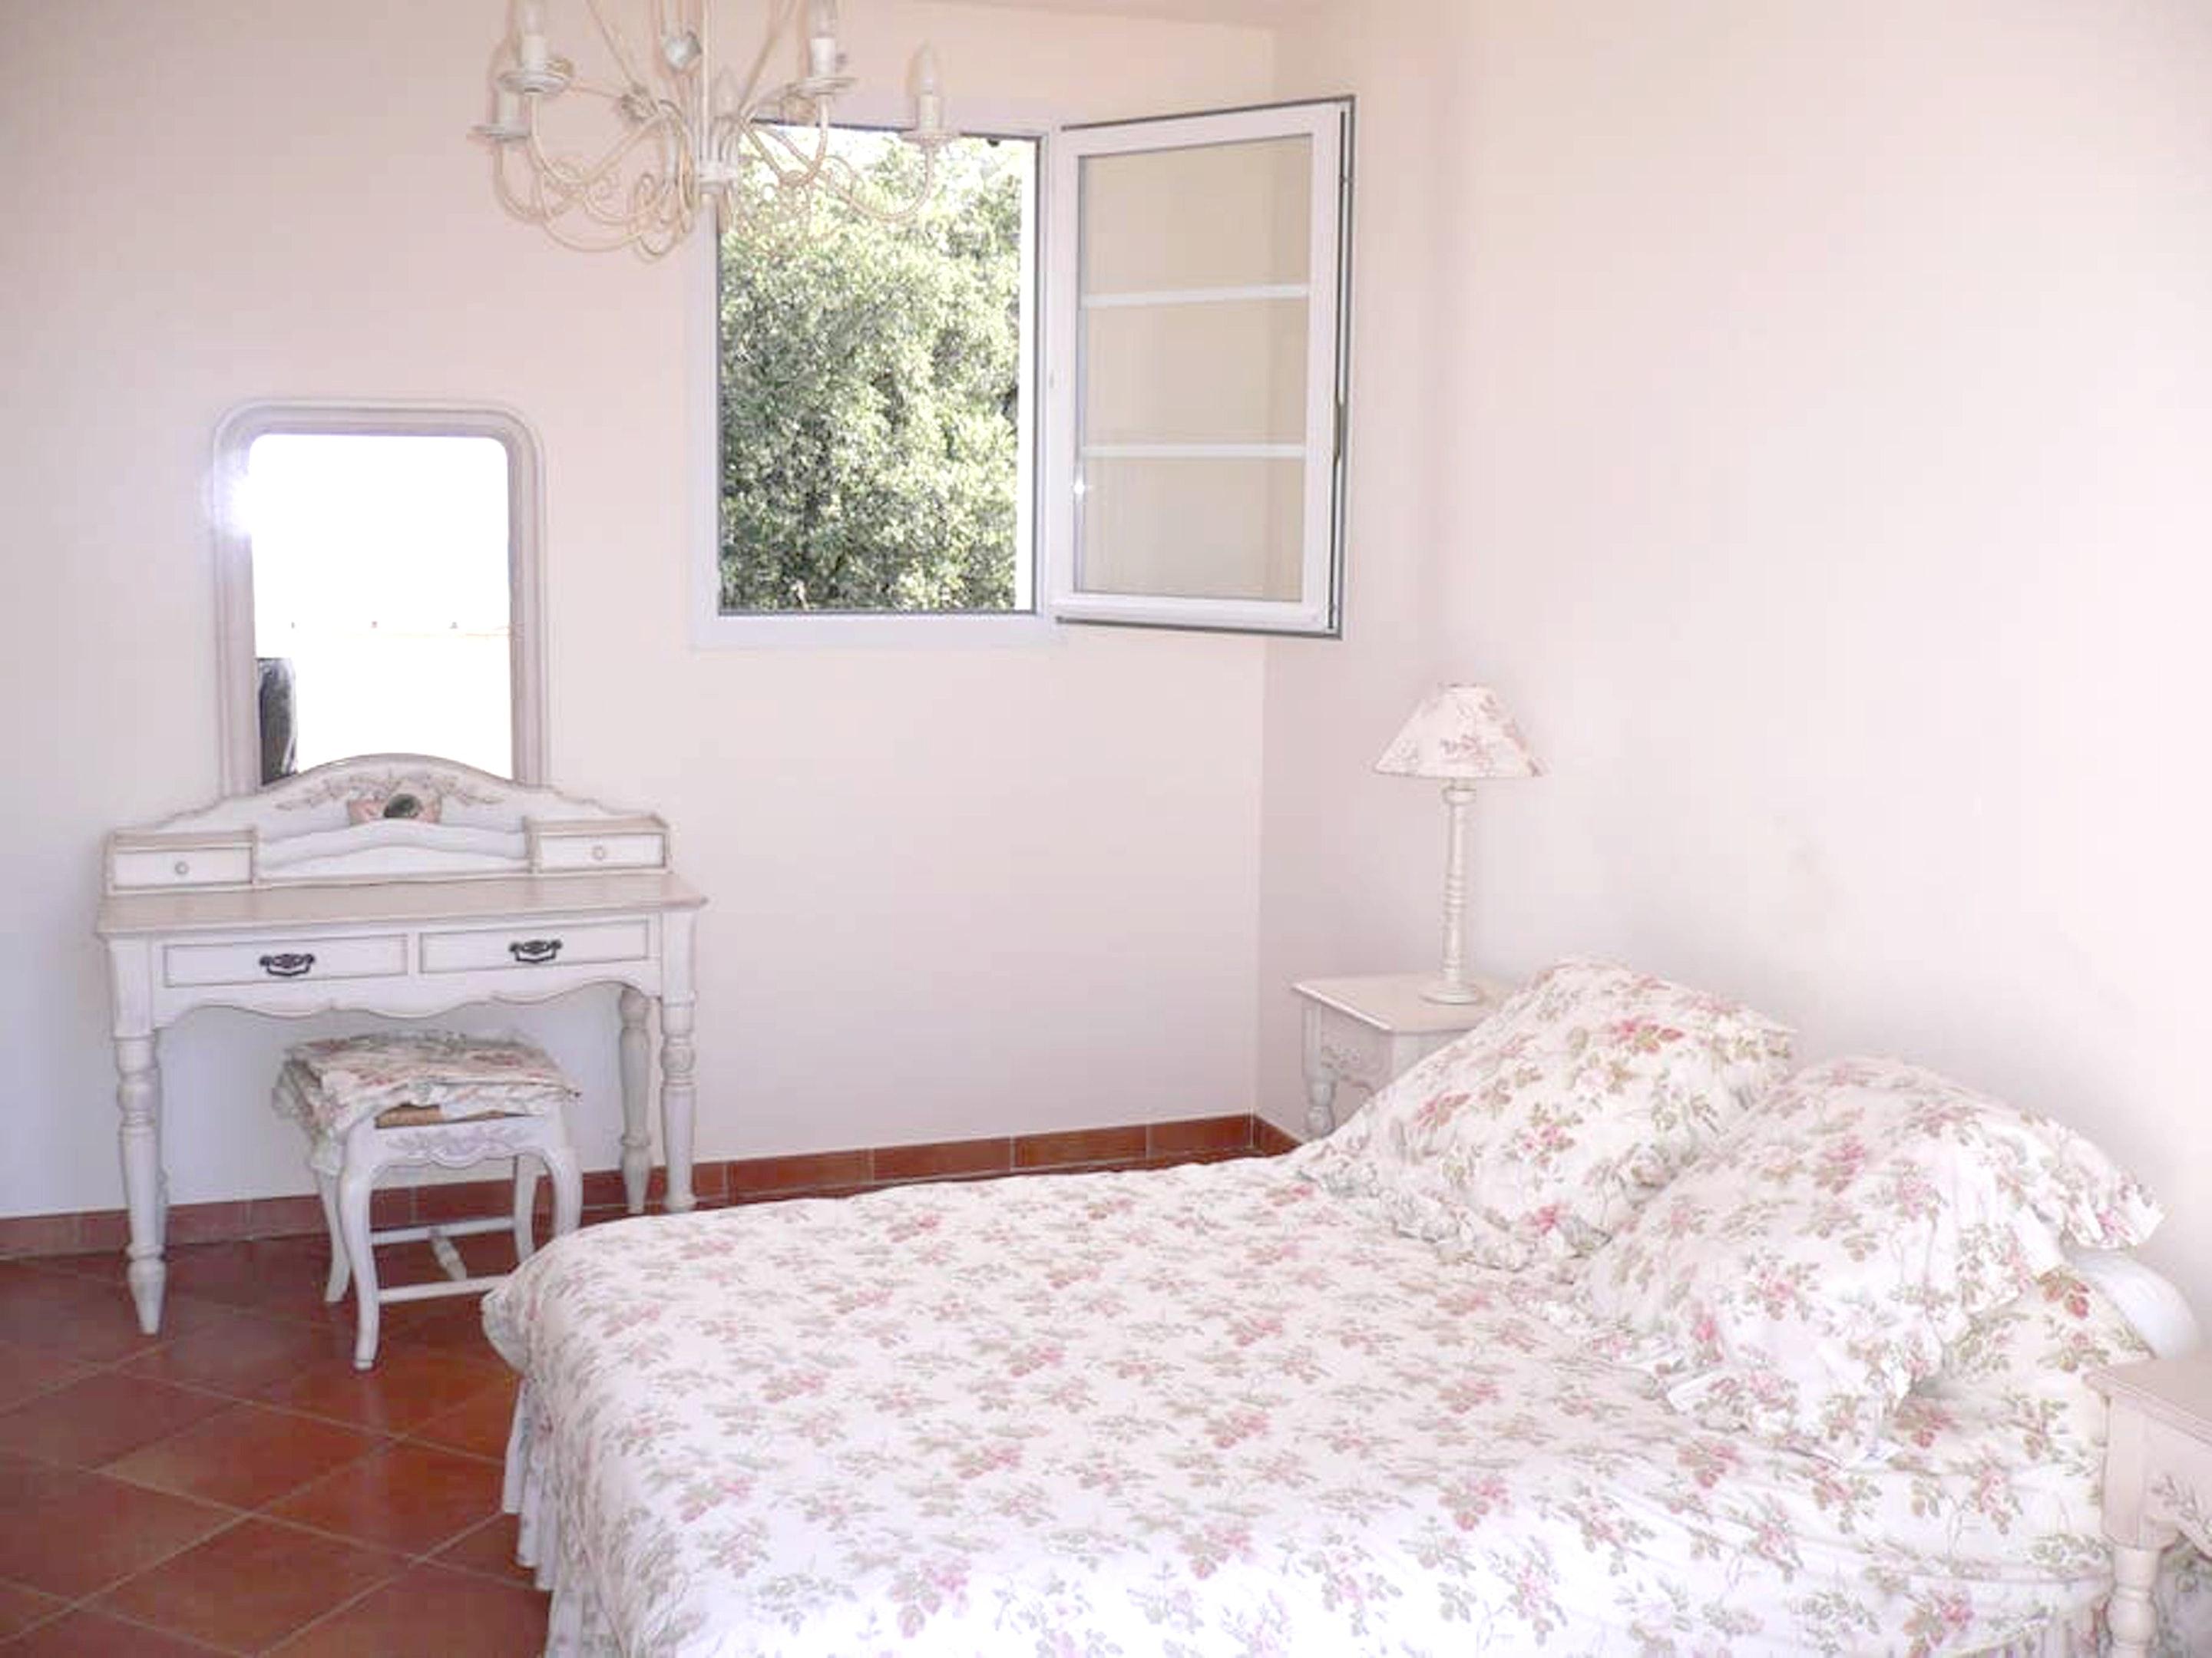 Ferienhaus Villa mit 4 Schlafzimmern in Lumio mit herrlichem Meerblick, privatem Pool, möbliertem Gar (2632533), Lumio, Nordkorsika, Korsika, Frankreich, Bild 15